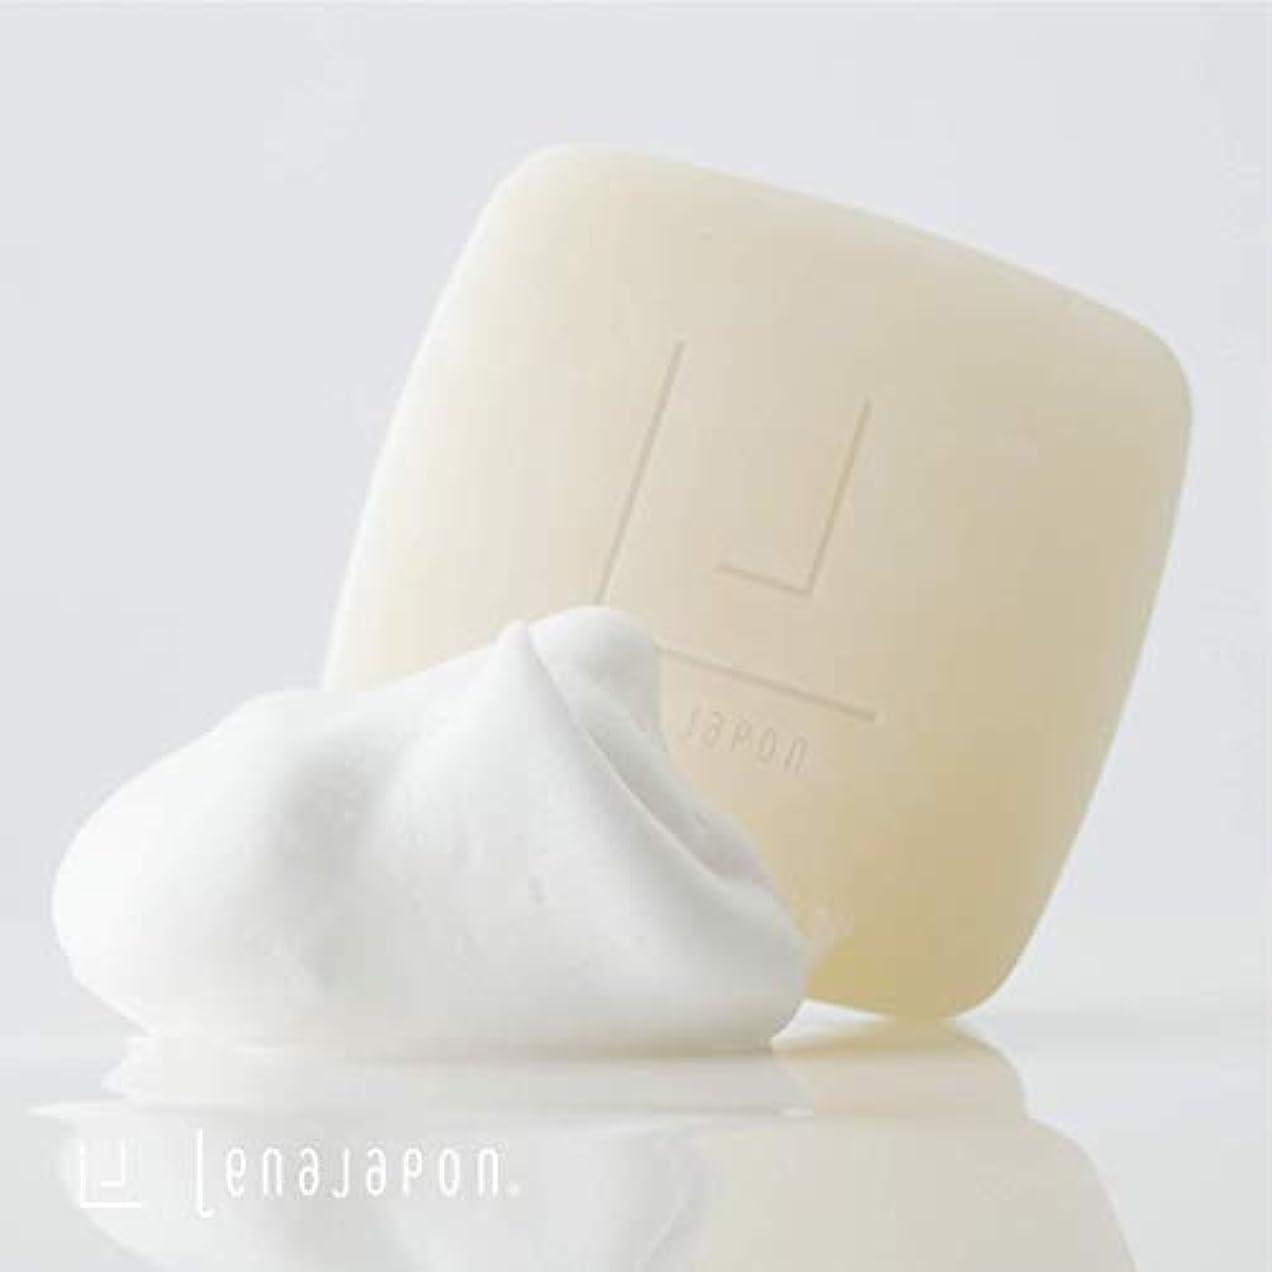 タンパク質十代広範囲にレナジャポン〈洗顔石鹸〉LJ モイストバー / LENAJAPON 〈rich foaming face soap〉 LJ MOIST BAR